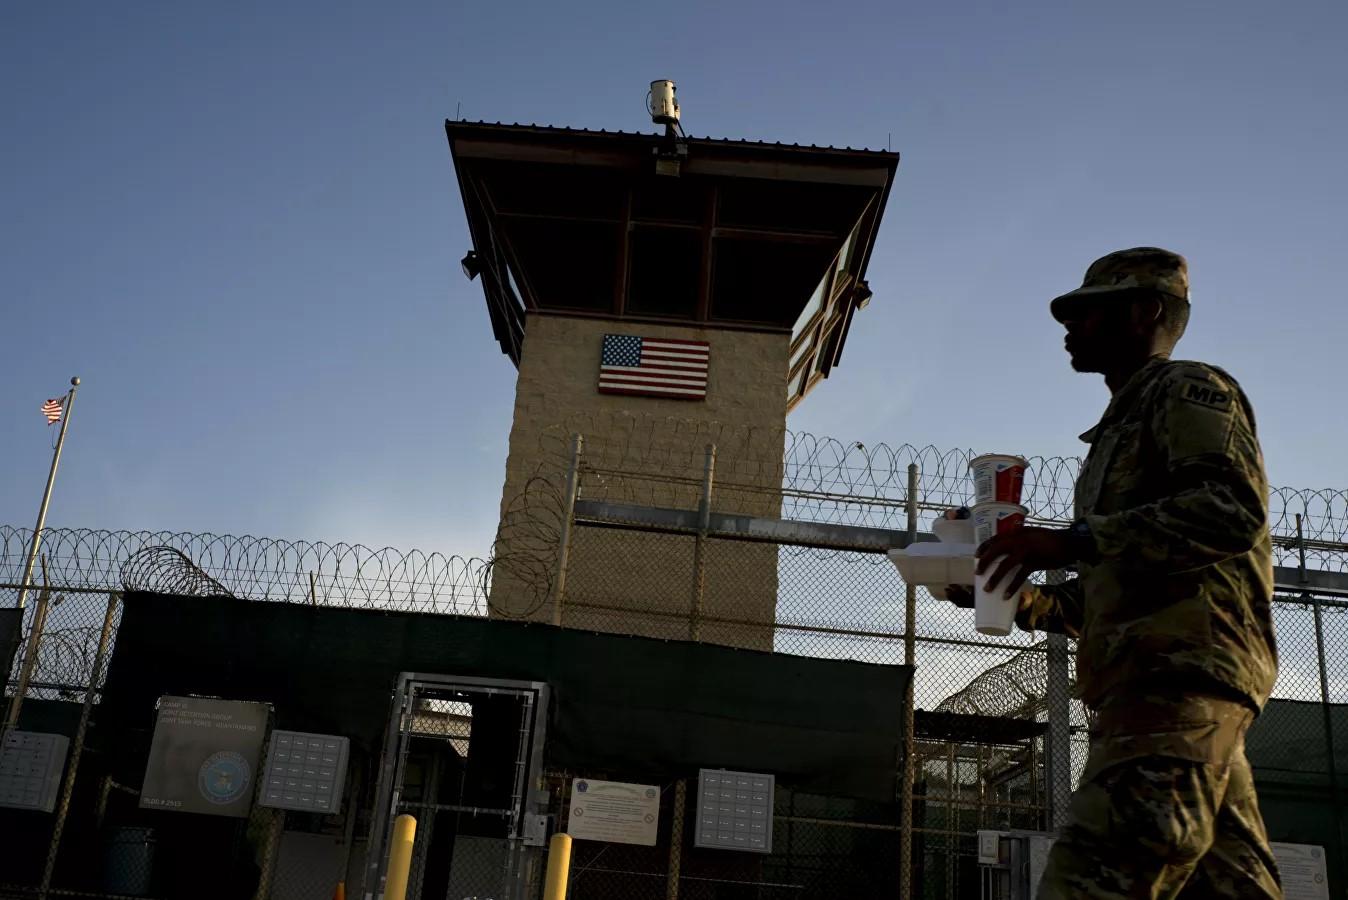 ¿Terminará algún día la ocupación ilegal de Guantánamo? Por Danay Galletti Hernández | Sputnik, Rusia